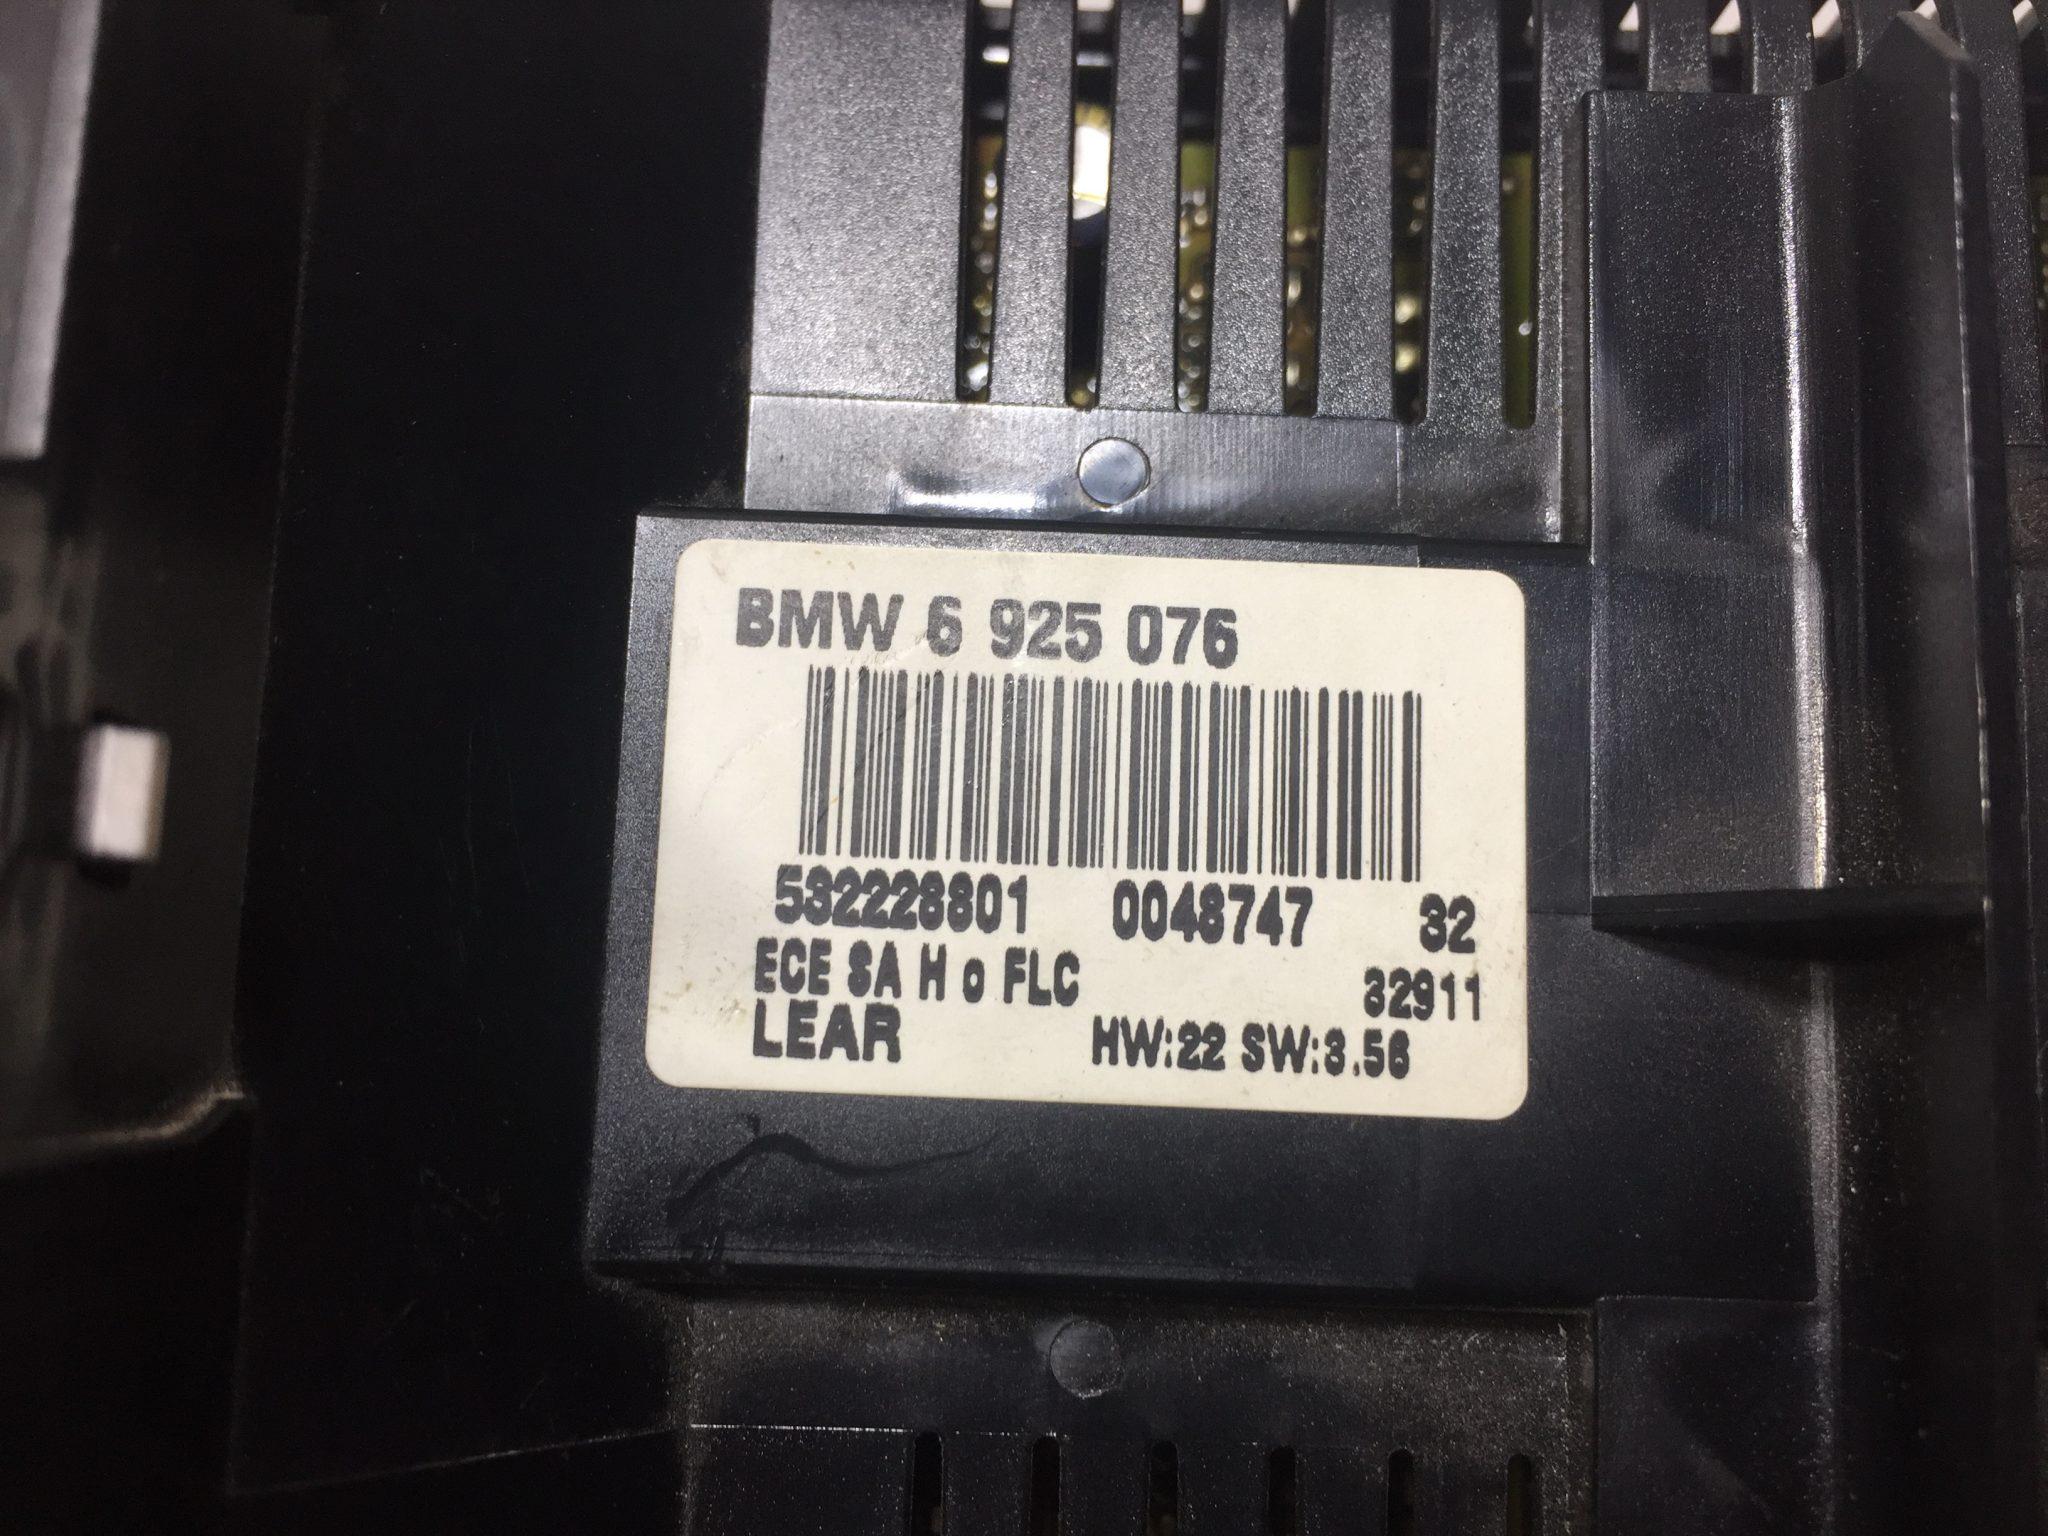 Ключ Светлини за BMW E46 6925076 LCM Модул